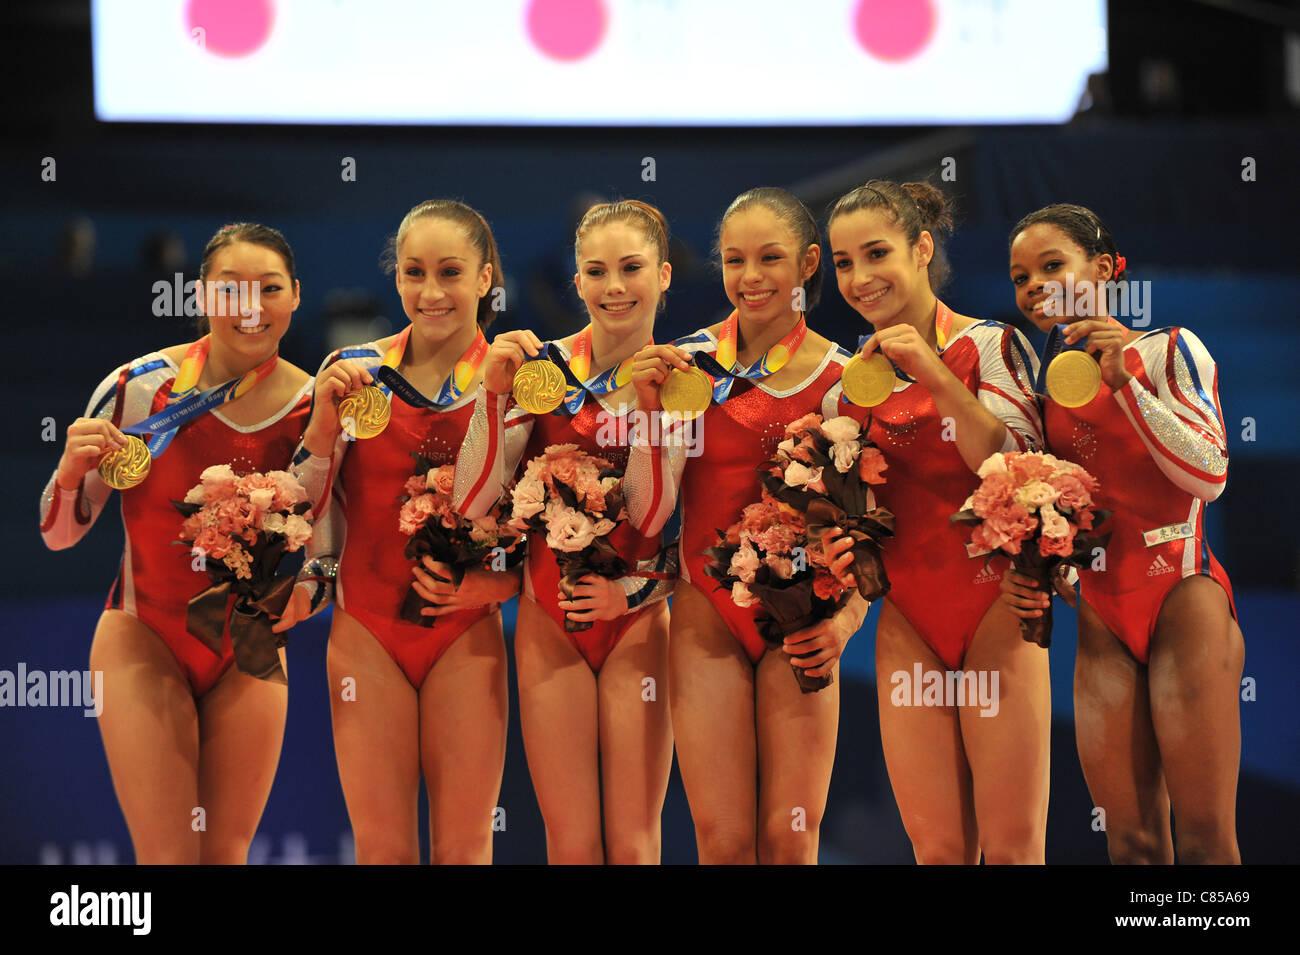 L'équipe américaine (USA) au cours de la line-up 2011 Championnats du monde de gymnastique artistique. Photo Stock